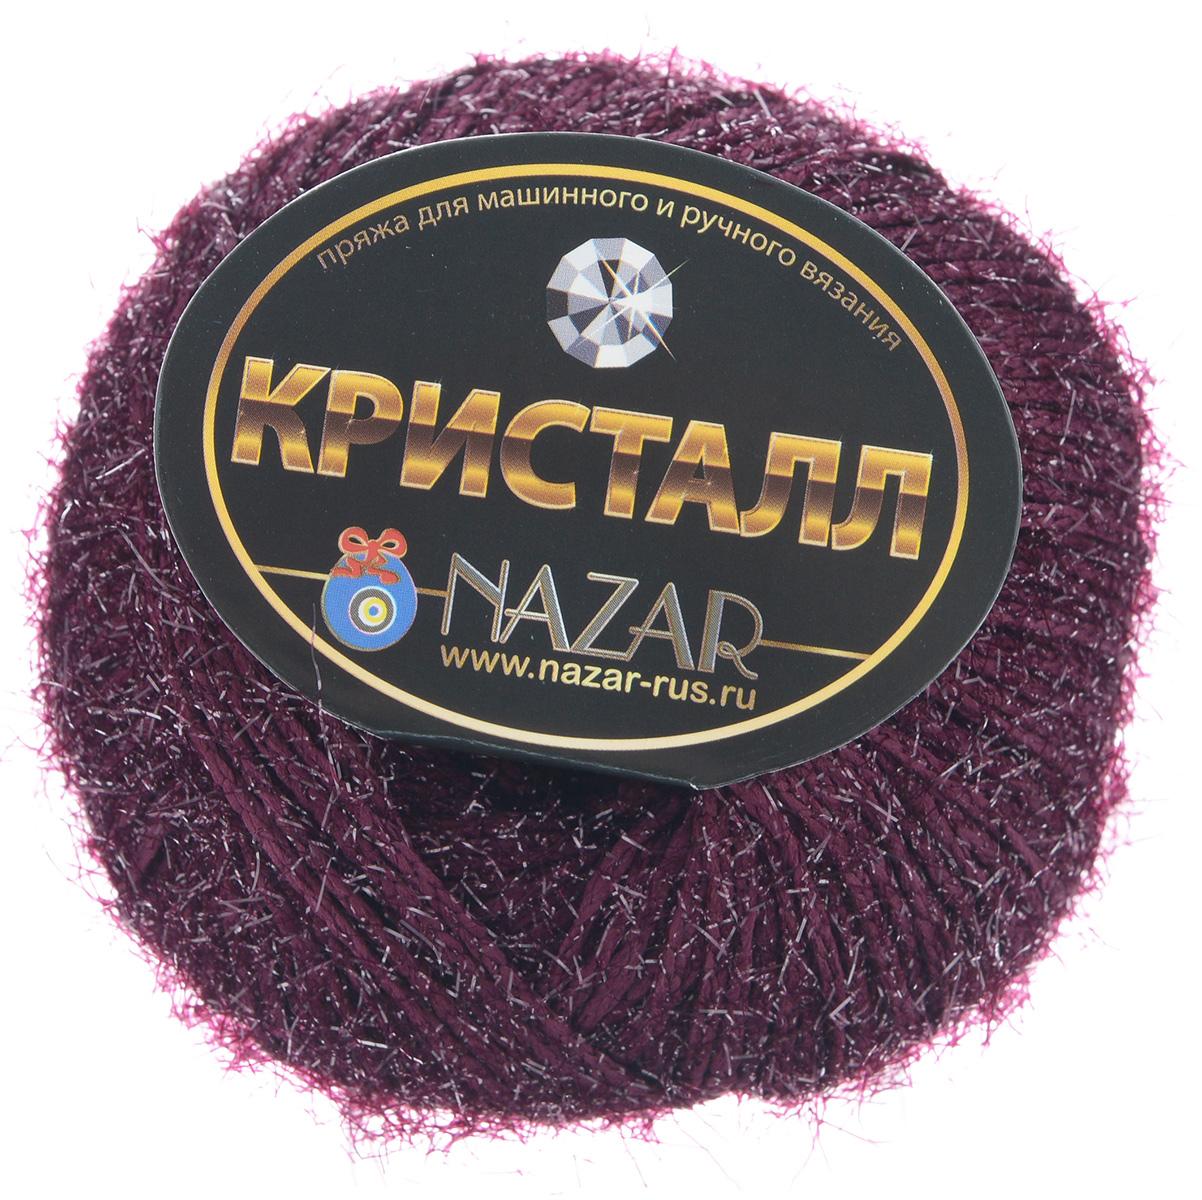 Пряжа для вязания Nazar Кристалл, цвет: баклажан (106), 125 м, 50 г, 10 шт349005_106Nazar Кристалл - это фантазийная пряжа, изготовленная из люрекса и полиэстера. В изделии из этой пряжи вы не останетесь незамеченной, а новогодние игрушки из этой пряжи будут неповторимыми. Изделия практичны в носке и уходе. Рекомендуется вязать спицами, крючком или на машинах 3, 4-го классов. Комплектация: 10 мотков. Состав: 70% люрекс, 30% полиэстер.